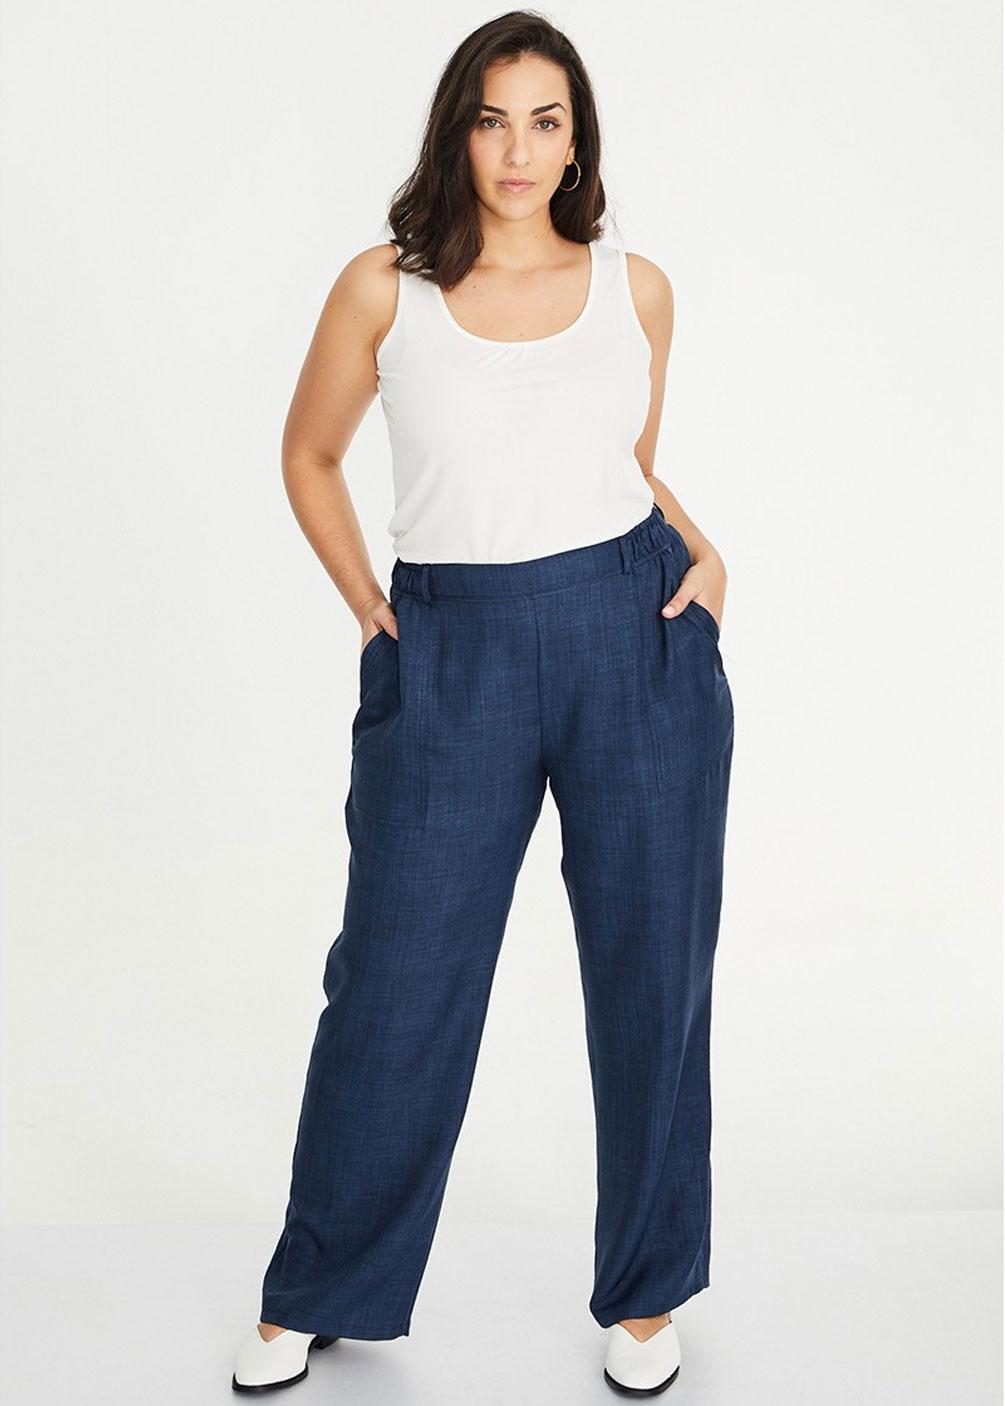 pantalon vestir verano comunion tallas grandes